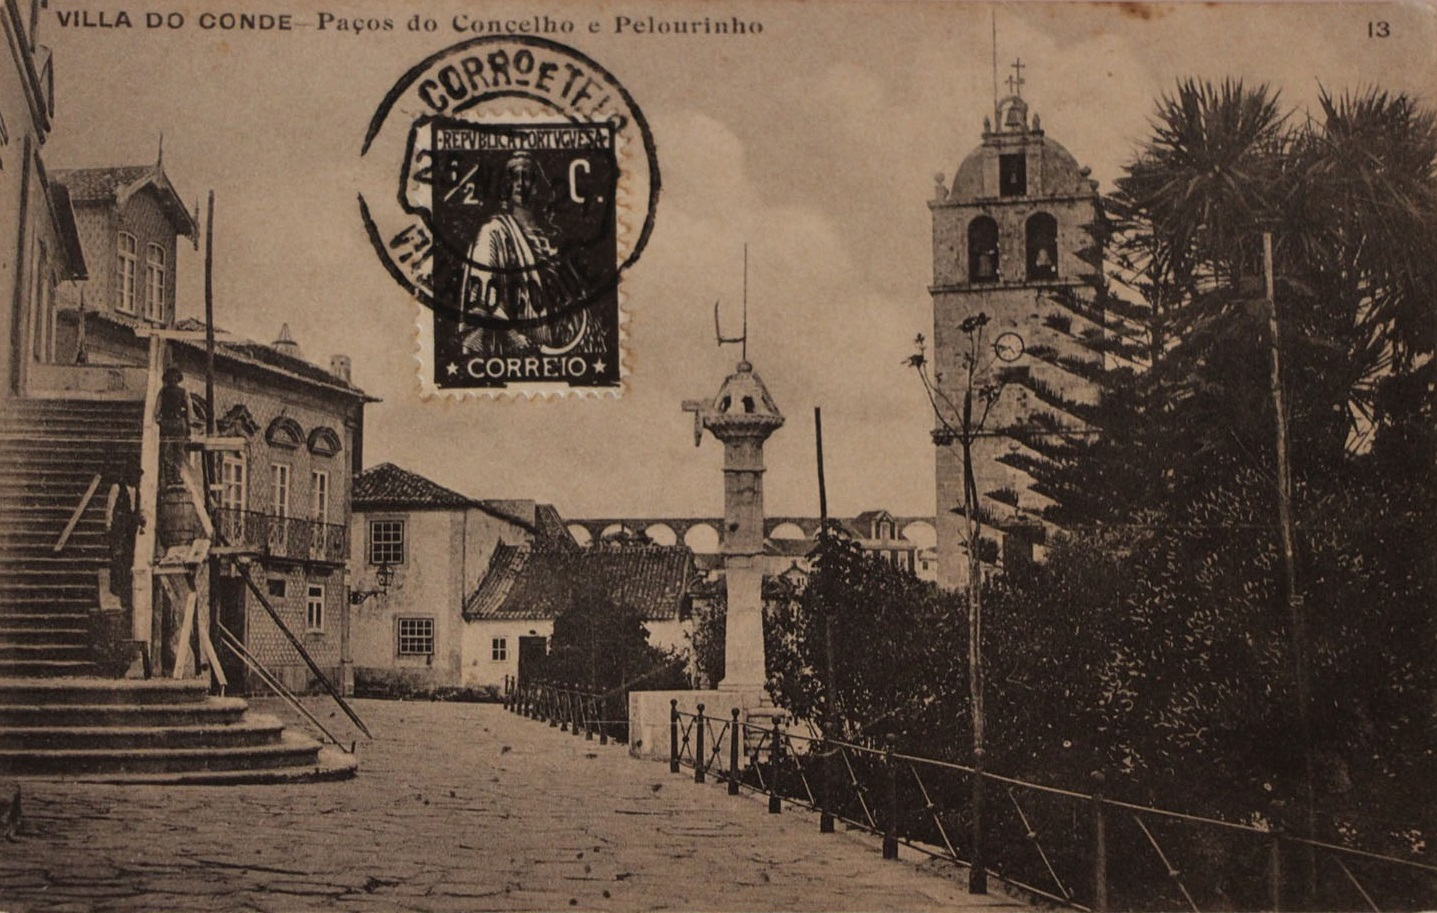 Villa do Conde - Paços do Concelho e Pelourinho - postal